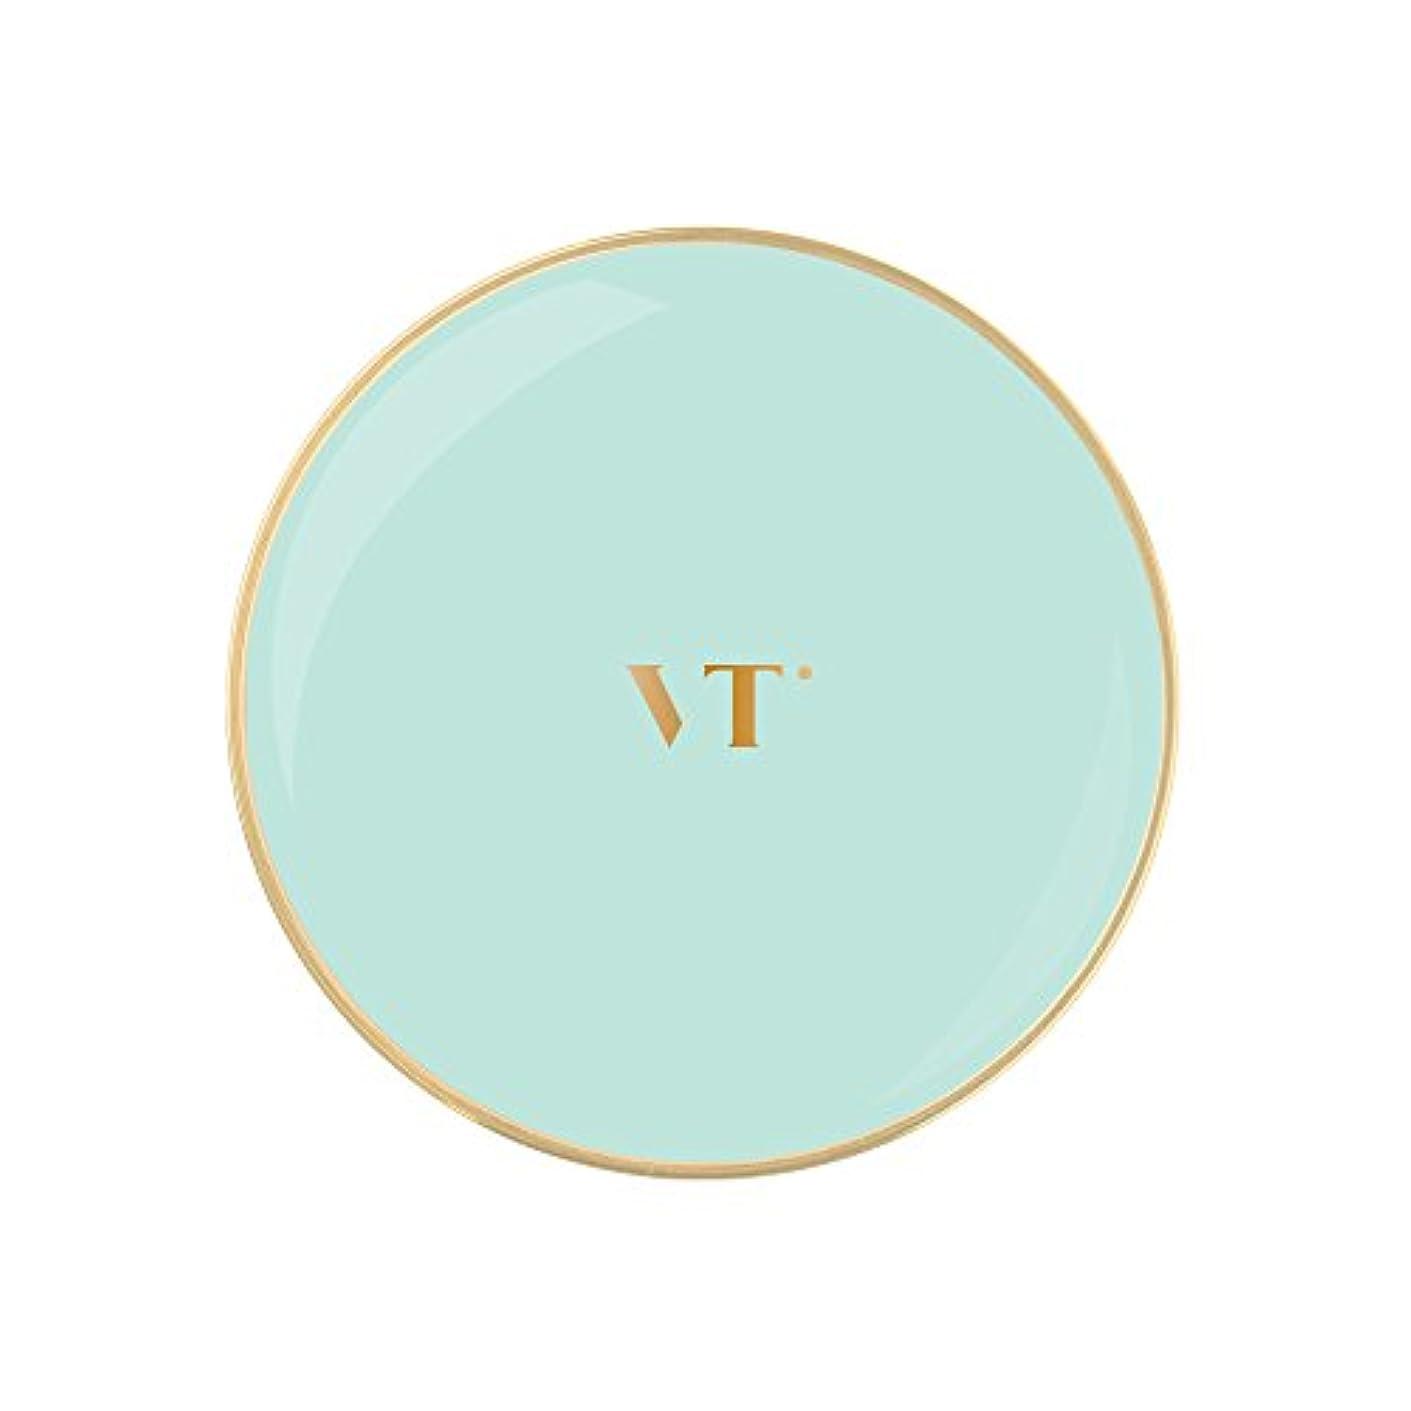 事実上トマト芸術VT Blue Collagen Pact 11g/ブイティー ブルー コラーゲン パクト 11g (#23) [並行輸入品]